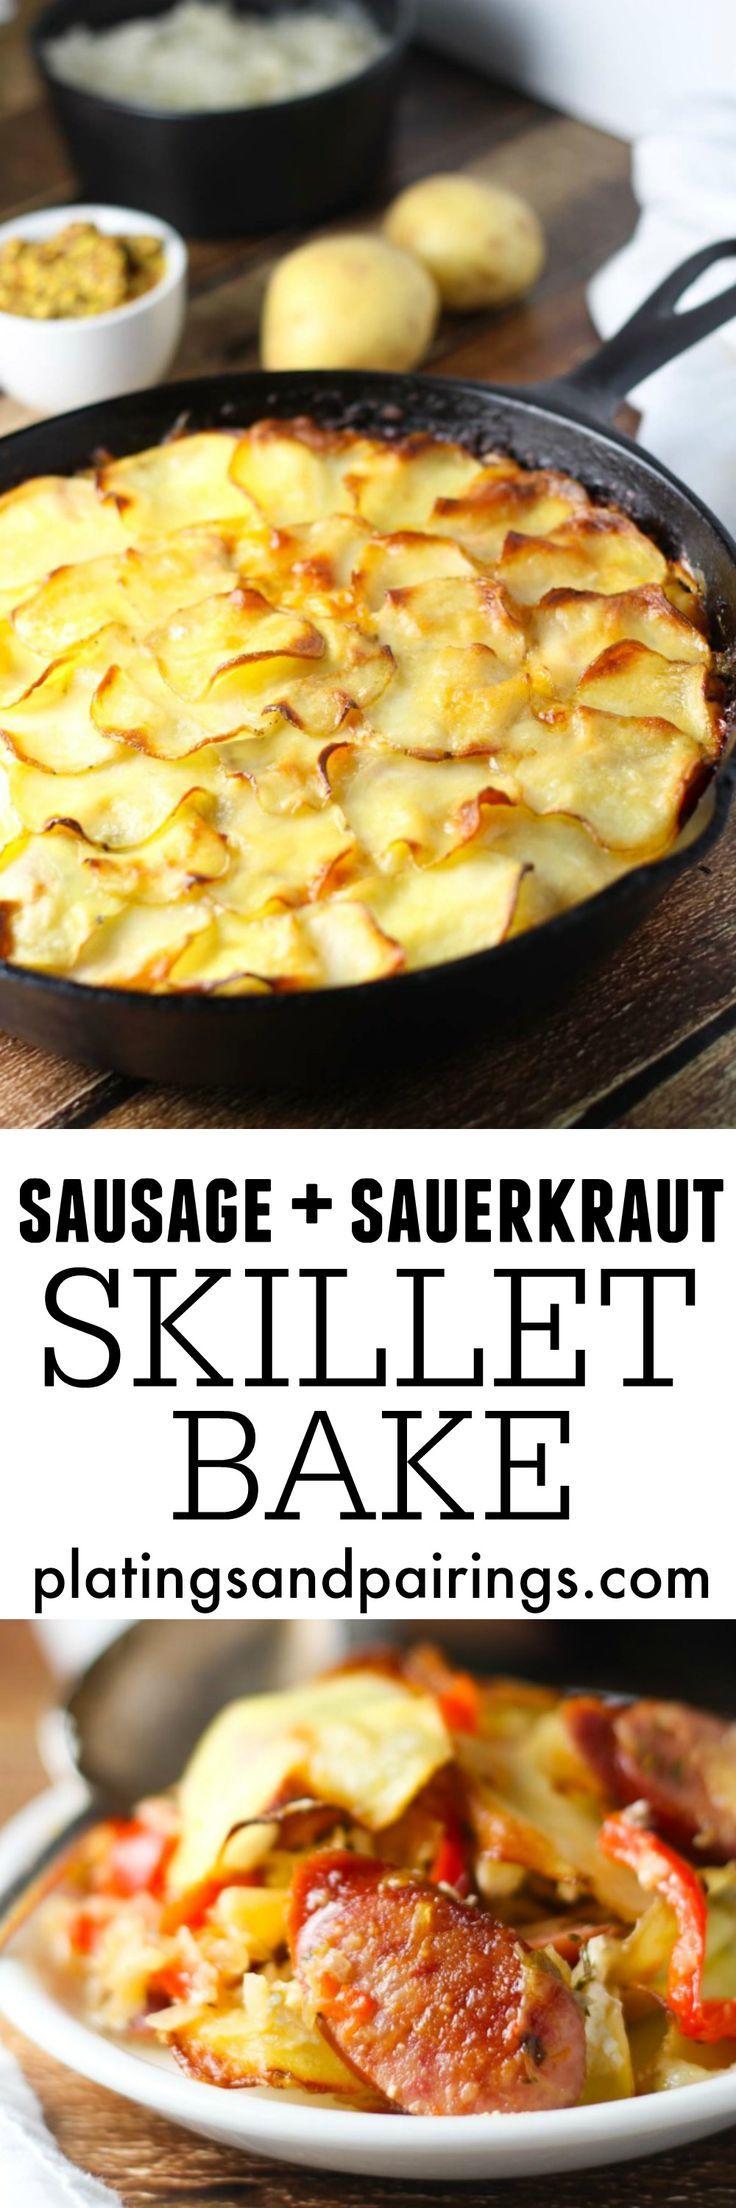 Sauerkraut, Oktoberfest and Skillets on Pinterest